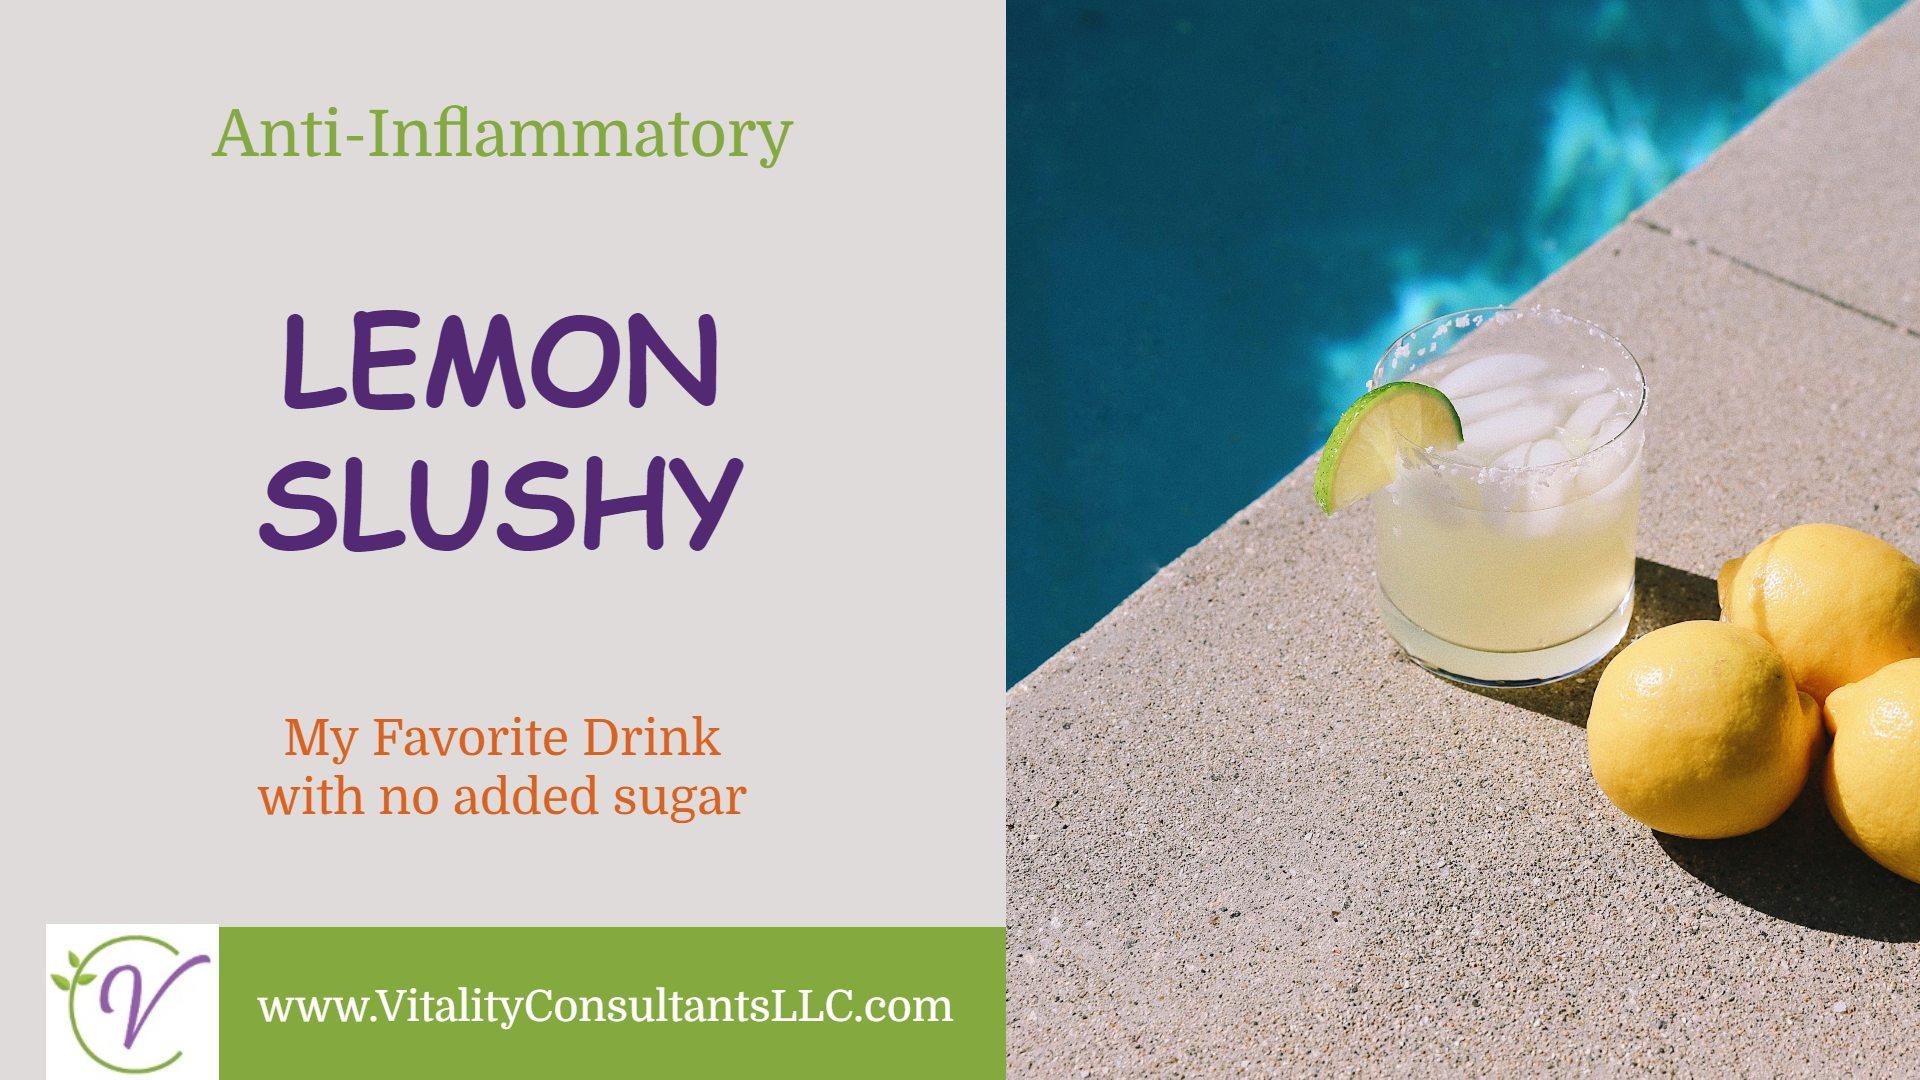 Lemon Slushy